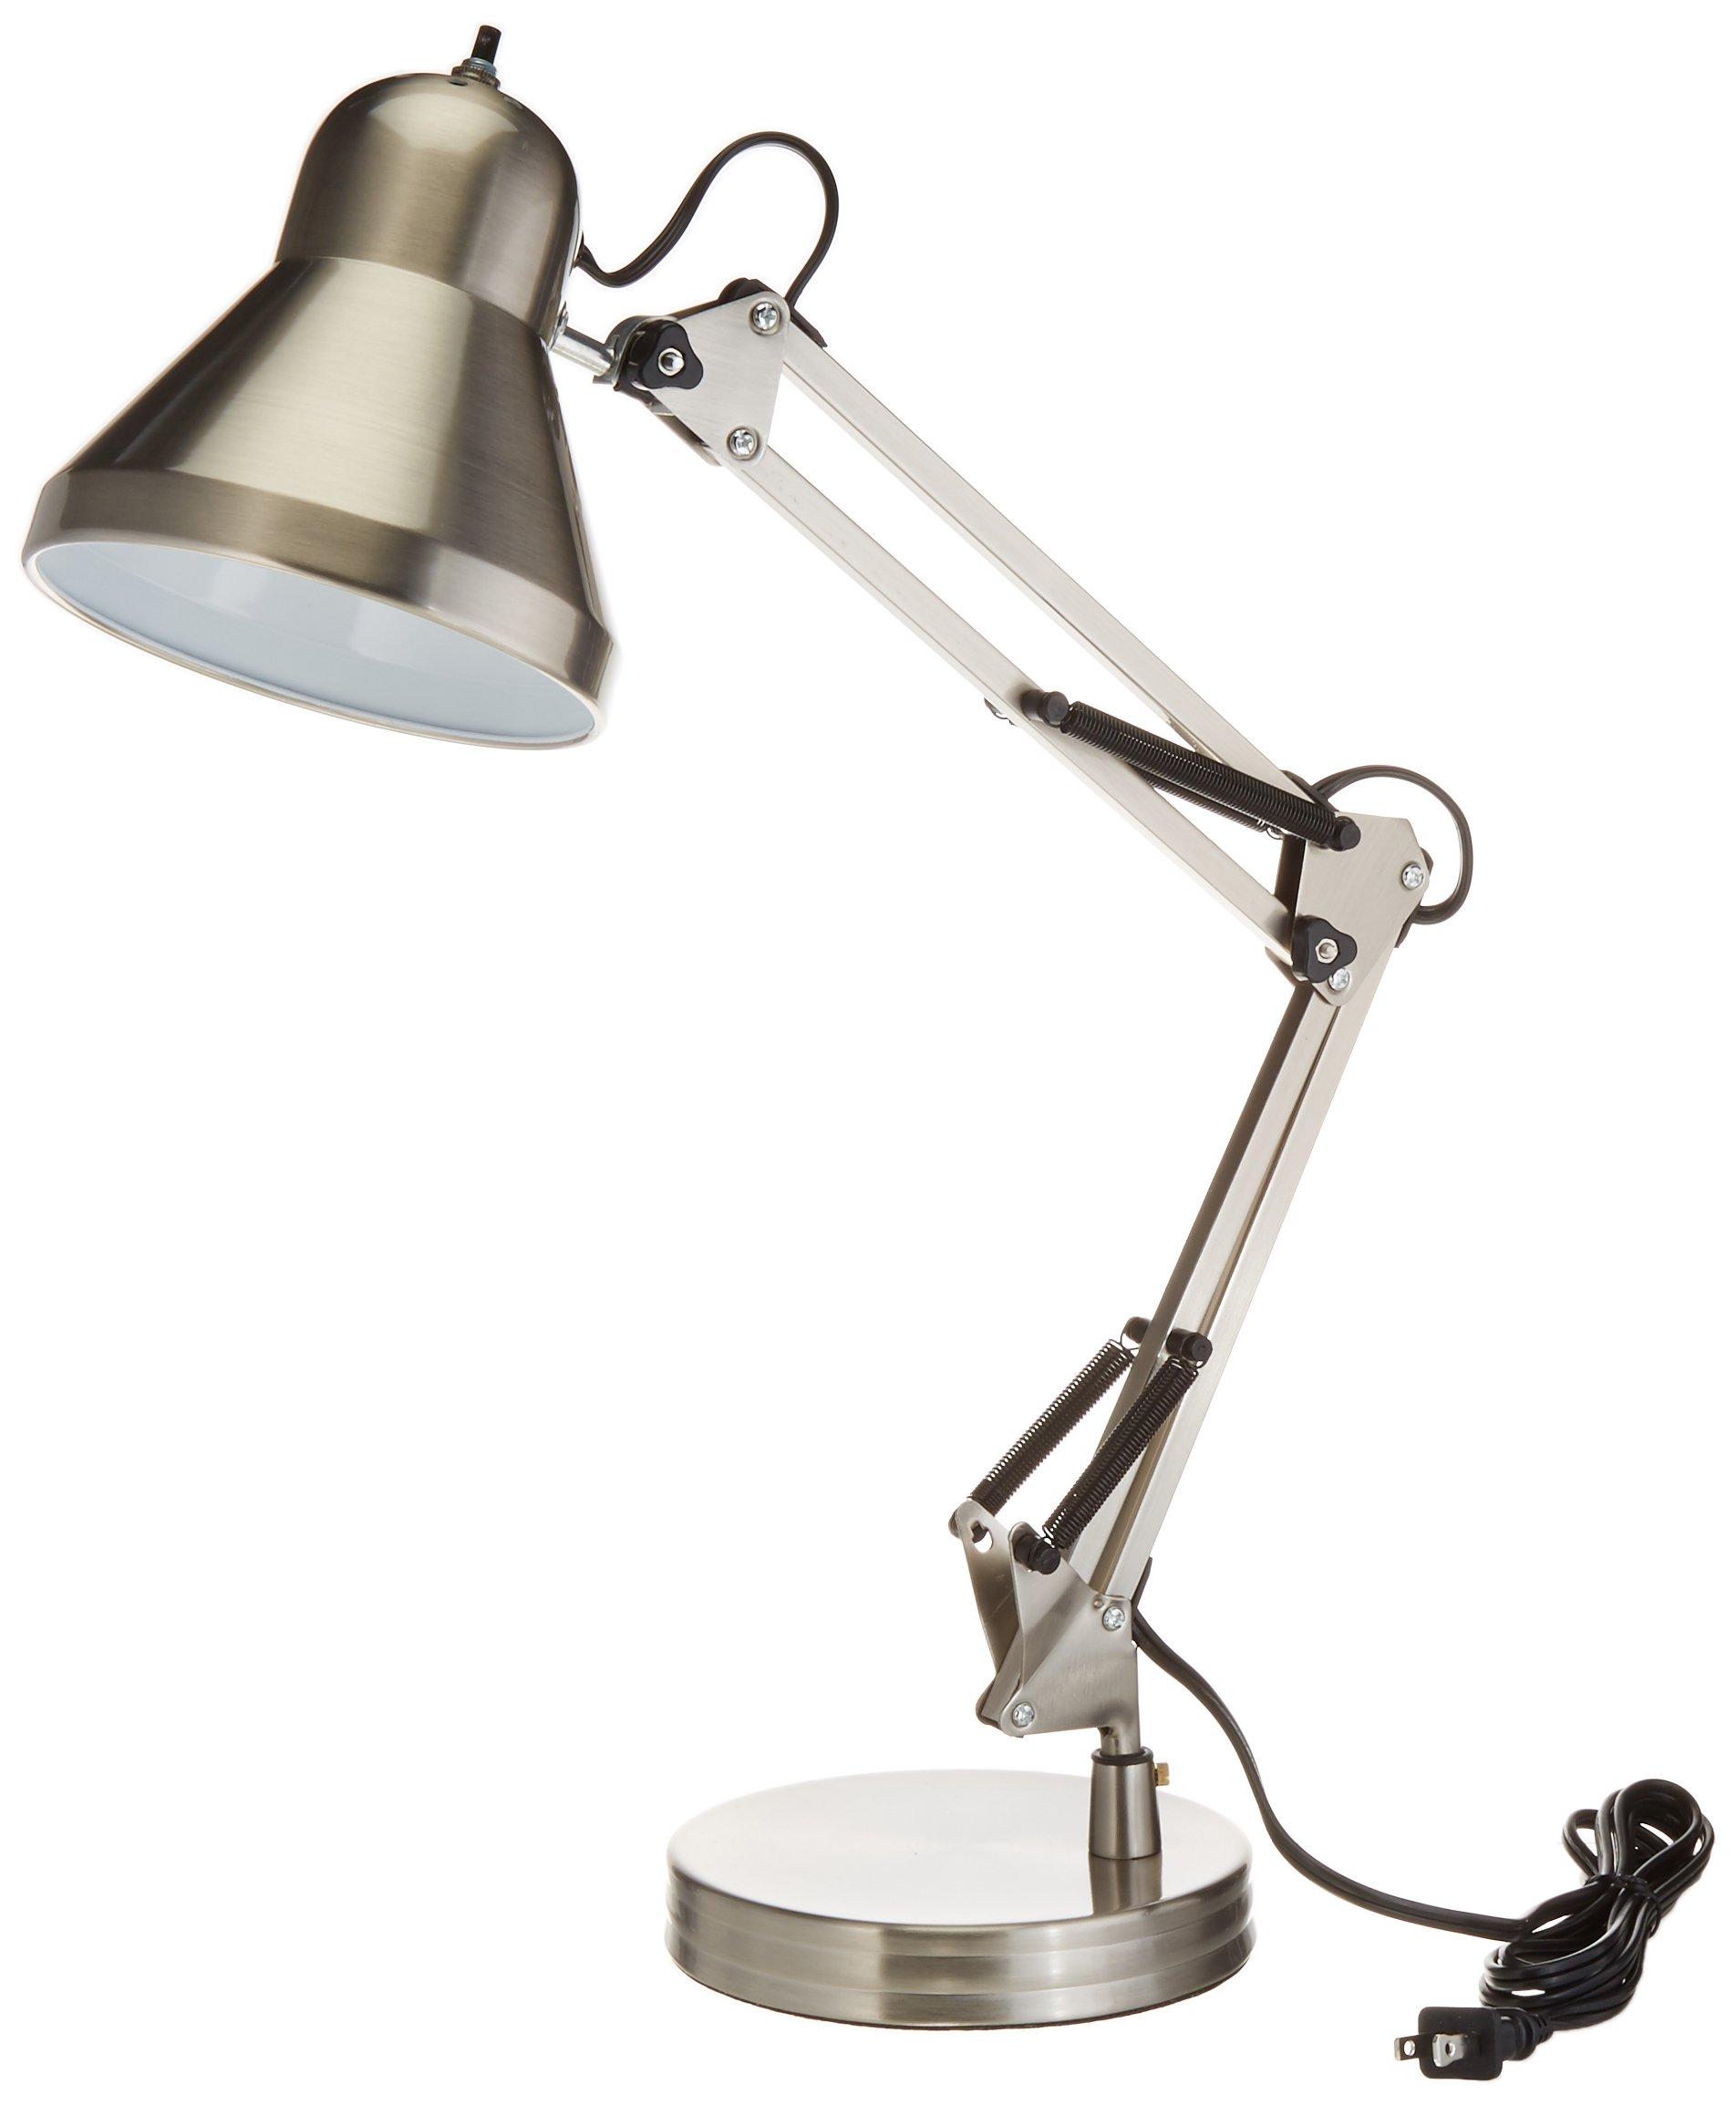 Buy Boston Harbor Wk 618e 3l Swing Arm Lamp Holder For Desk Lamp